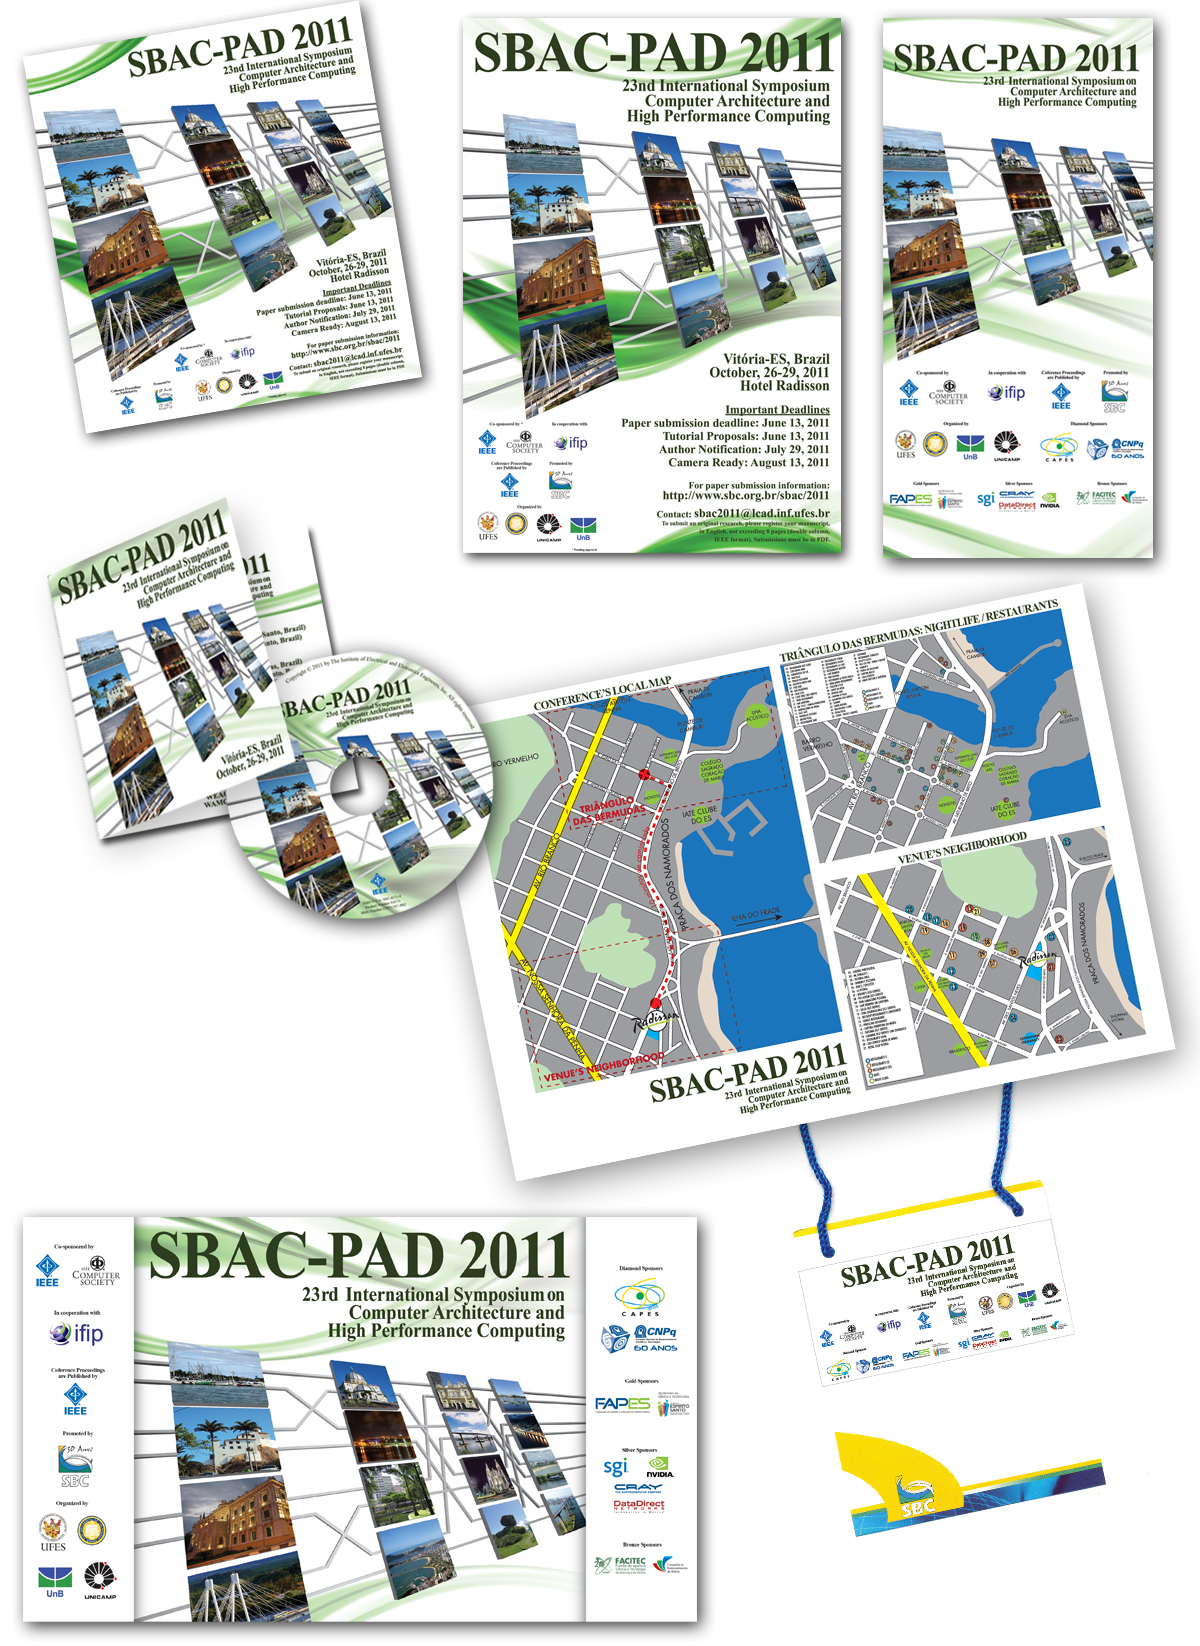 SBAC-PAD 2011